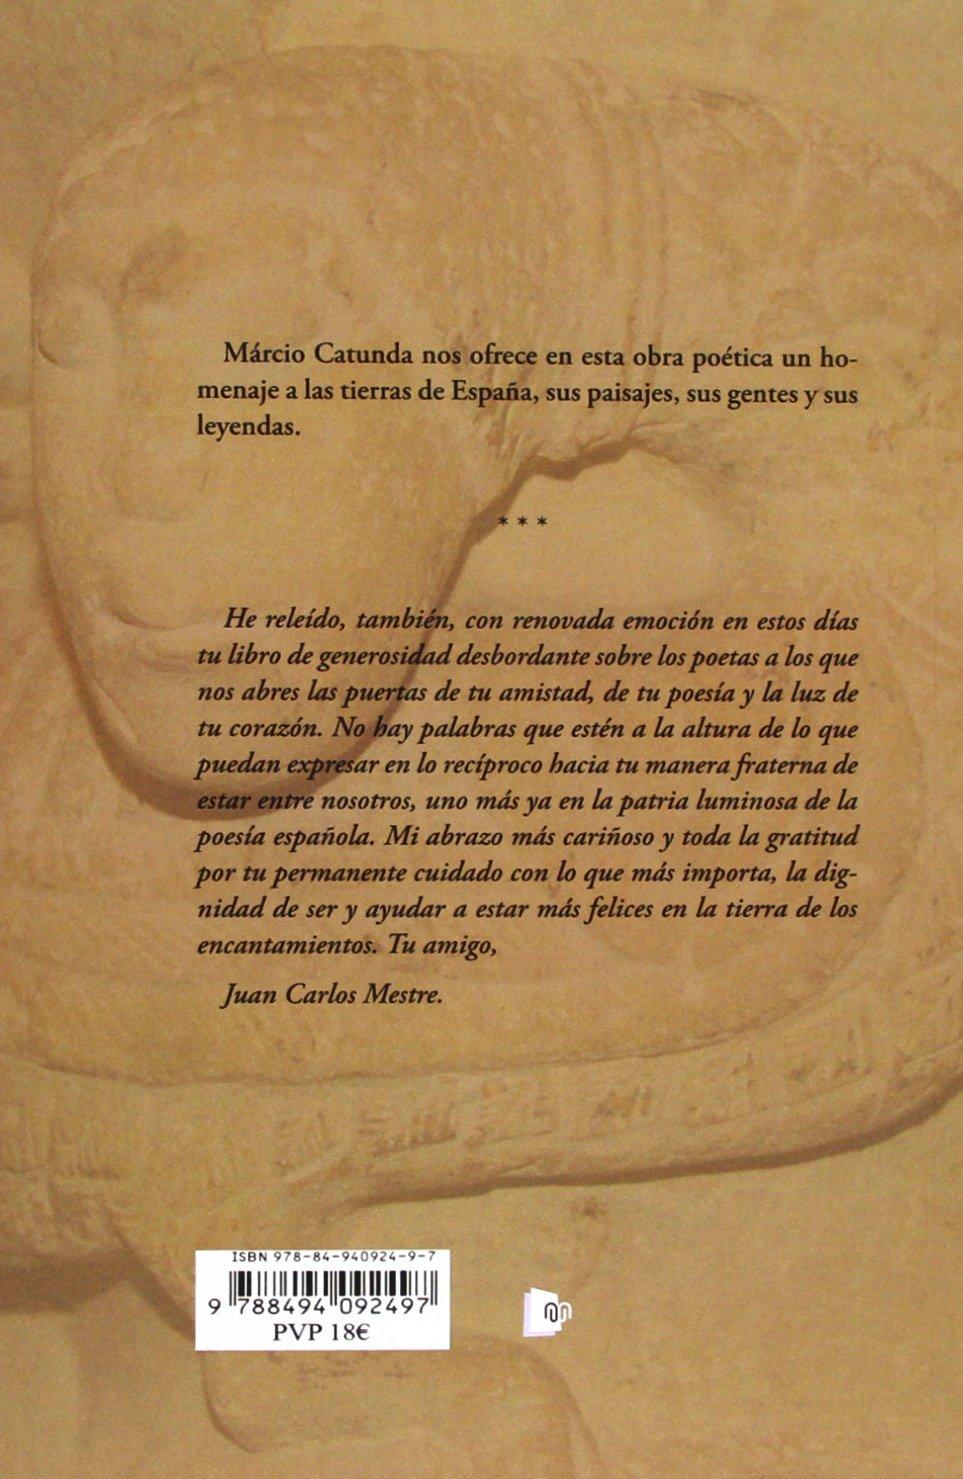 Paisajes Y Leyendas De España: Amazon.es: Catunda Marcio: Libros